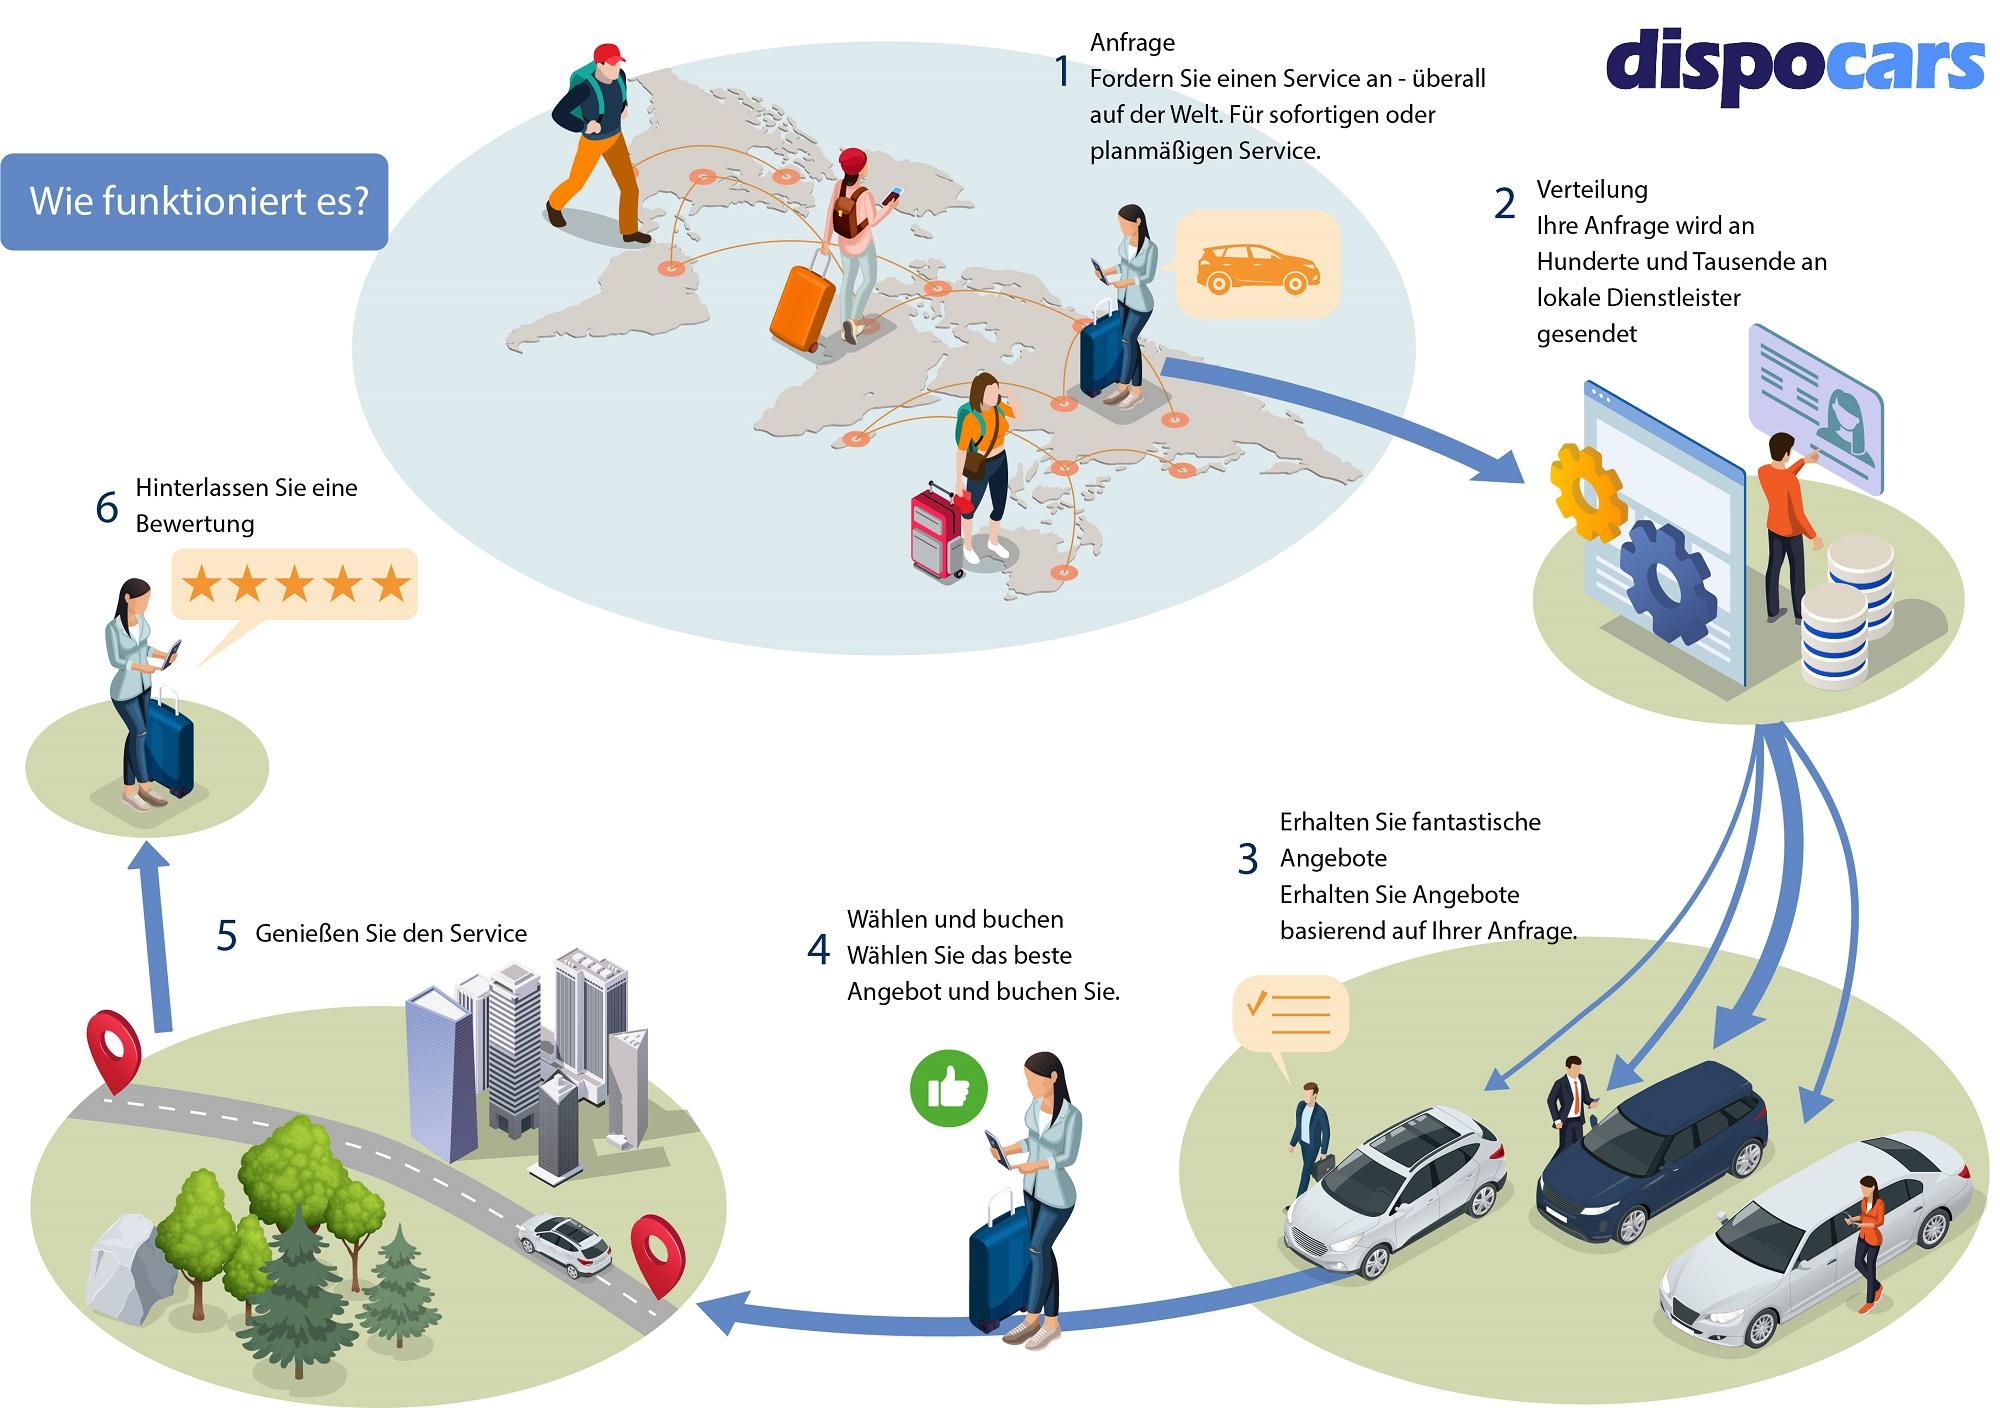 DispoCars - Chauffeurautos zu Ihrer Verfügung